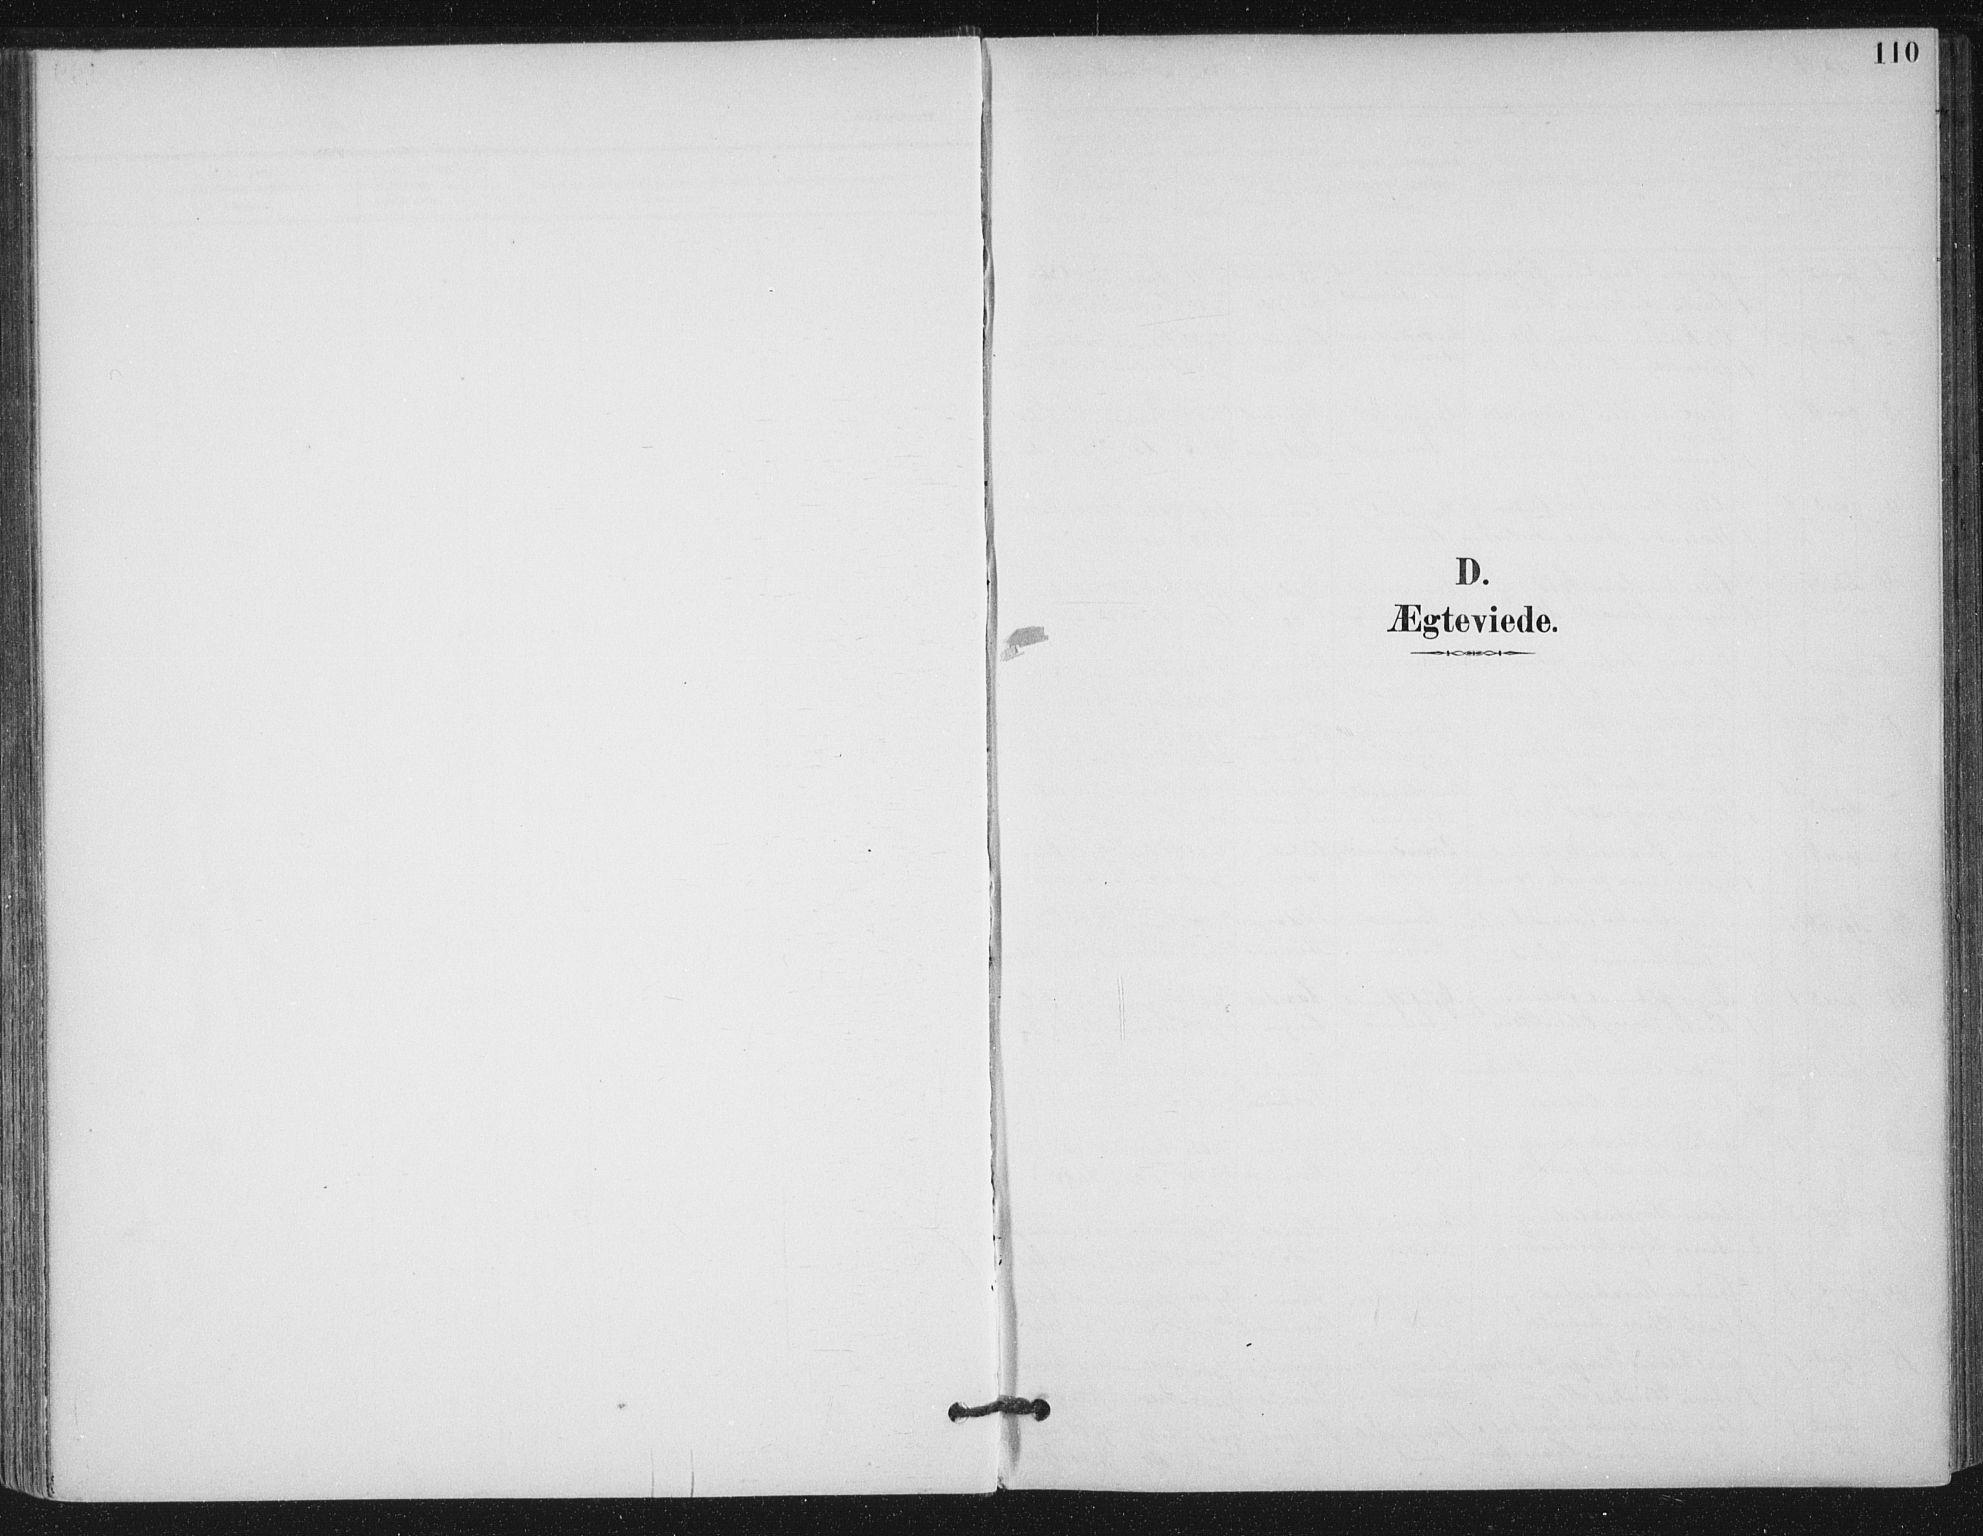 SAT, Ministerialprotokoller, klokkerbøker og fødselsregistre - Møre og Romsdal, 529/L0457: Ministerialbok nr. 529A07, 1894-1903, s. 110